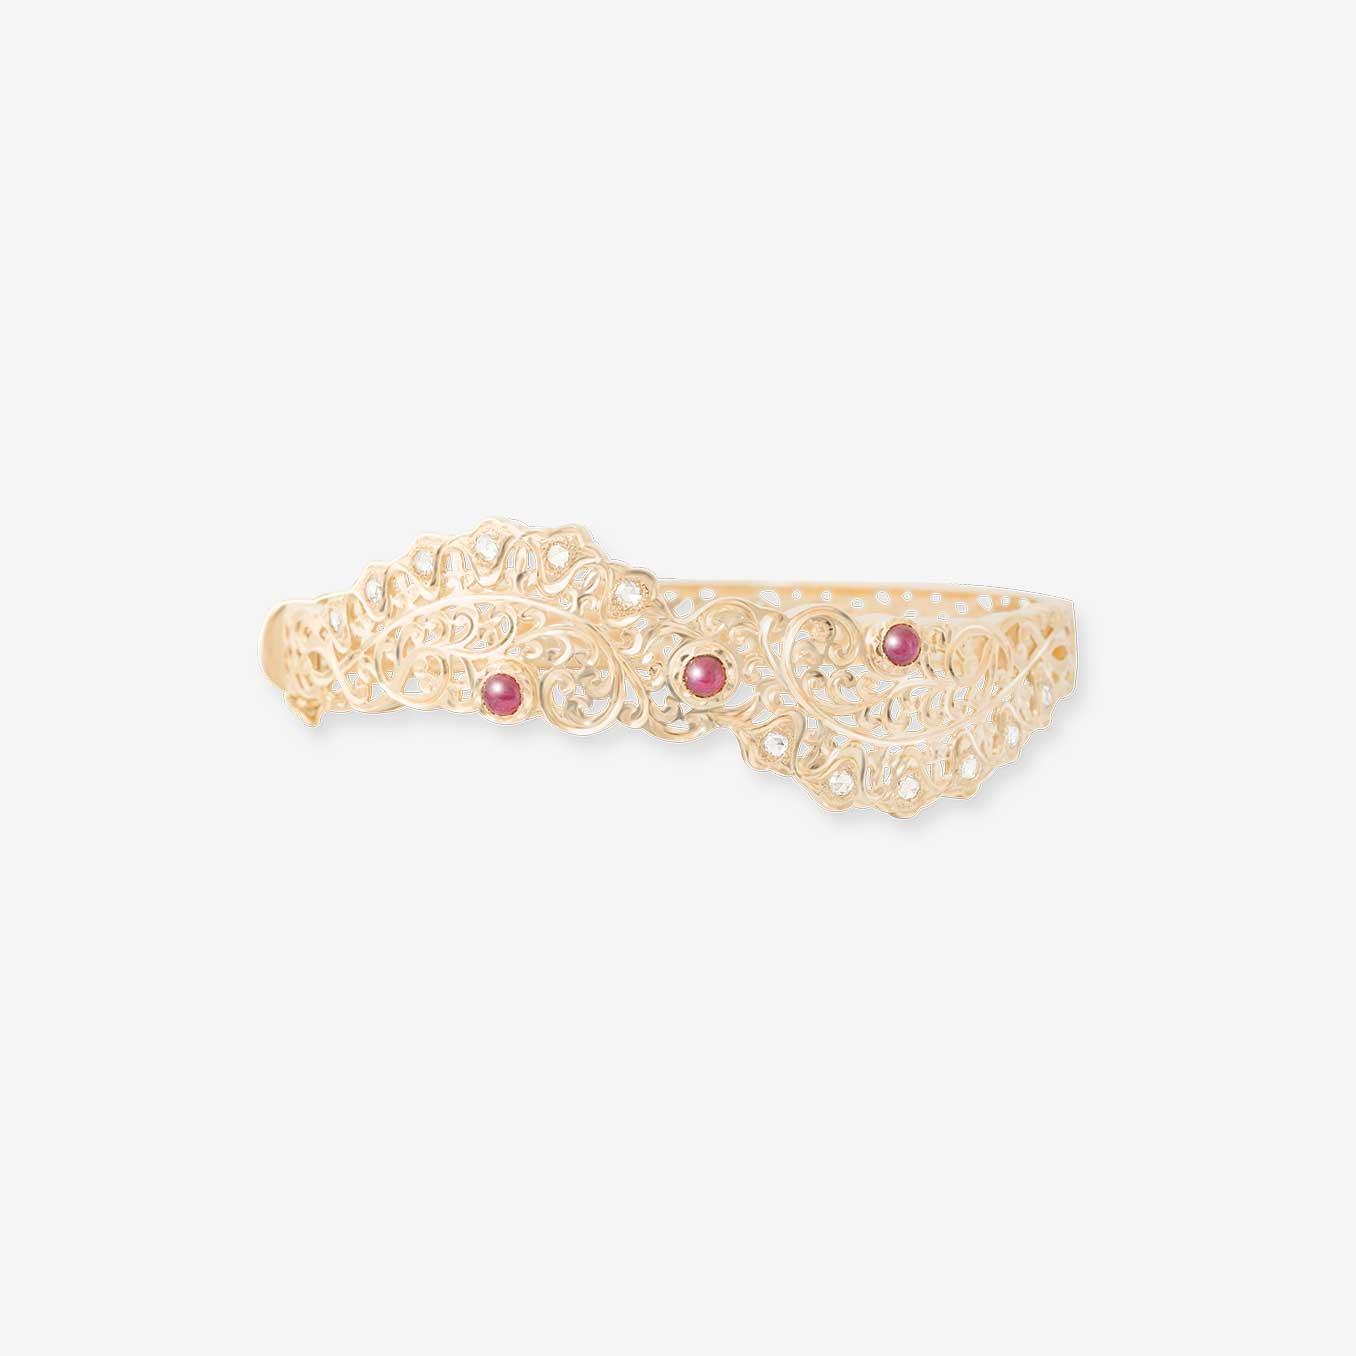 Bracelet-beldi-traditionnel-rubis-Bijouterie-traditionnel-maroc